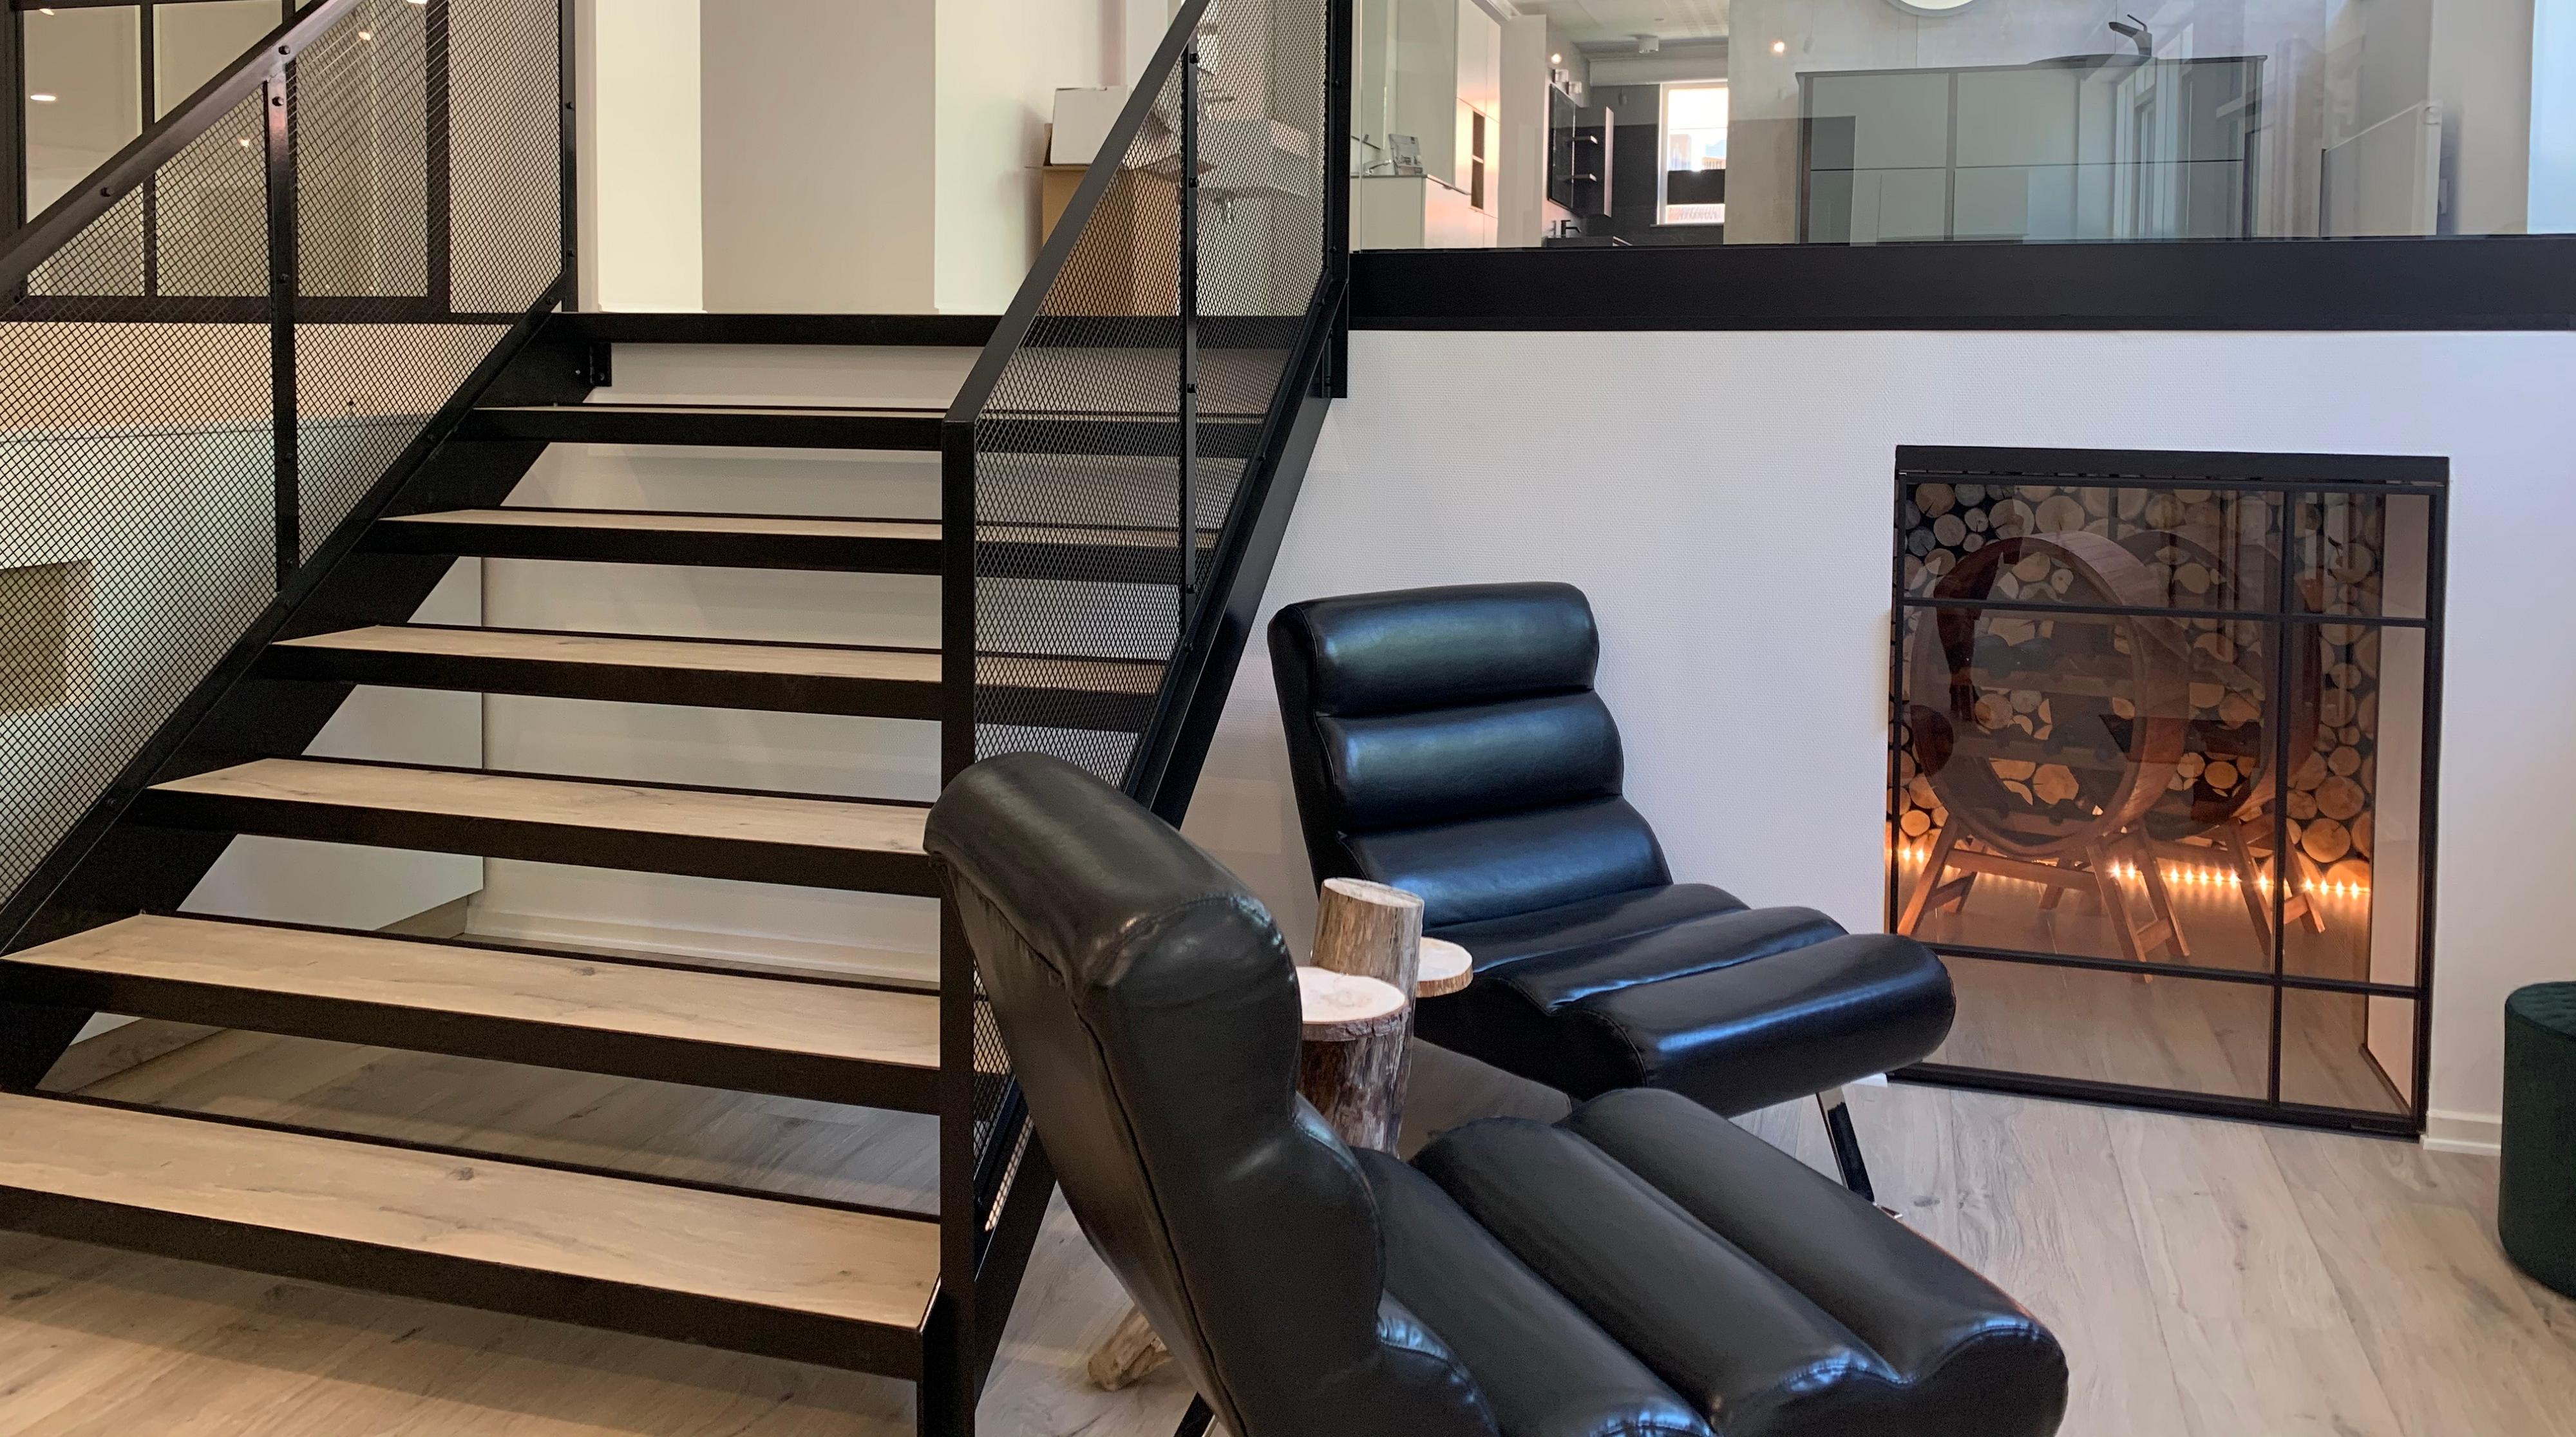 Picture of: Kokkenbutik Slar Dorene Op Til Loungestemning Og Vinkaelder Retailnews